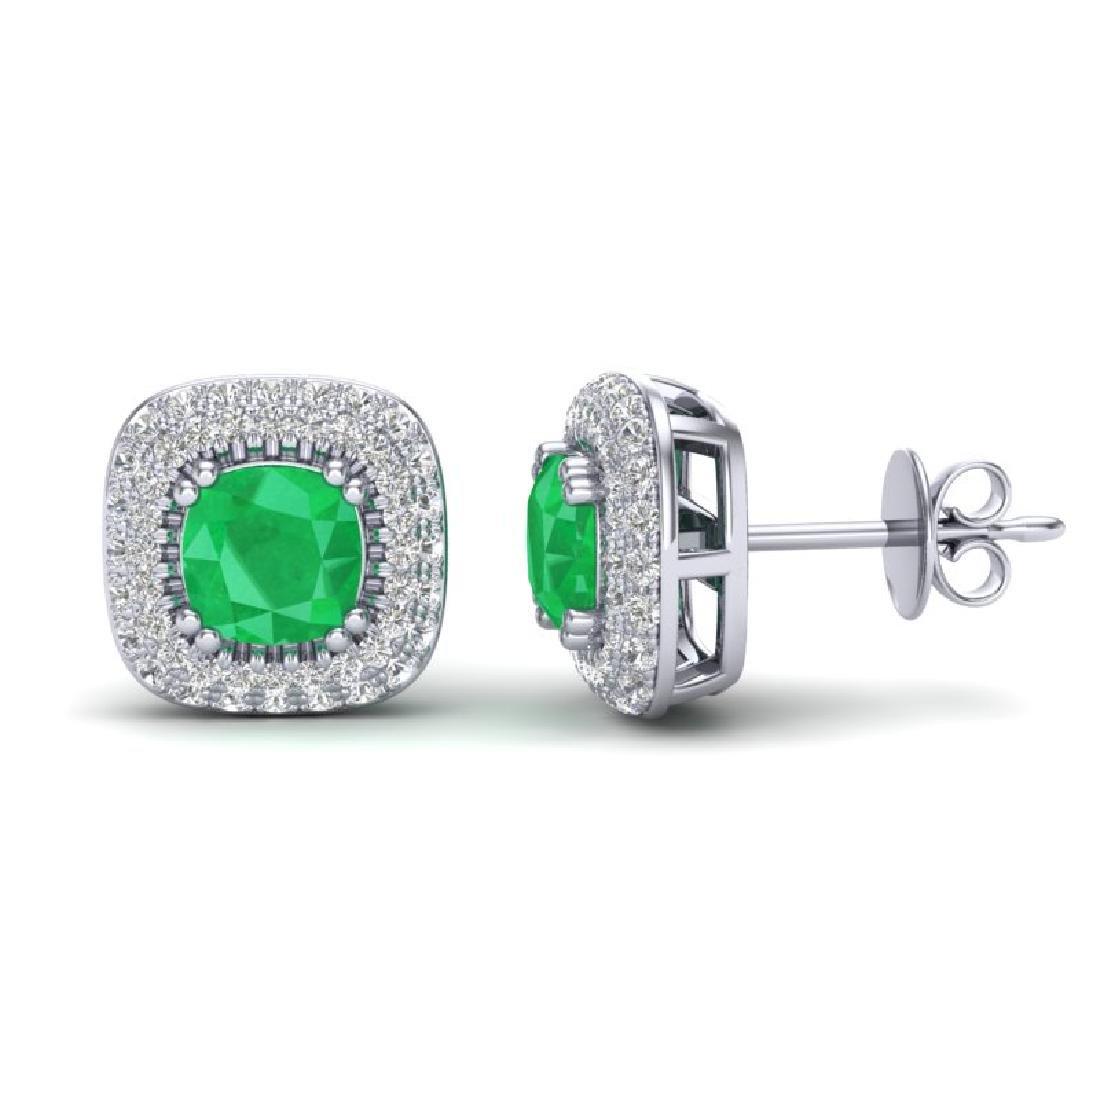 2.16 CTW Emerald & Micro VS/SI Diamond Earrings Halo - 2